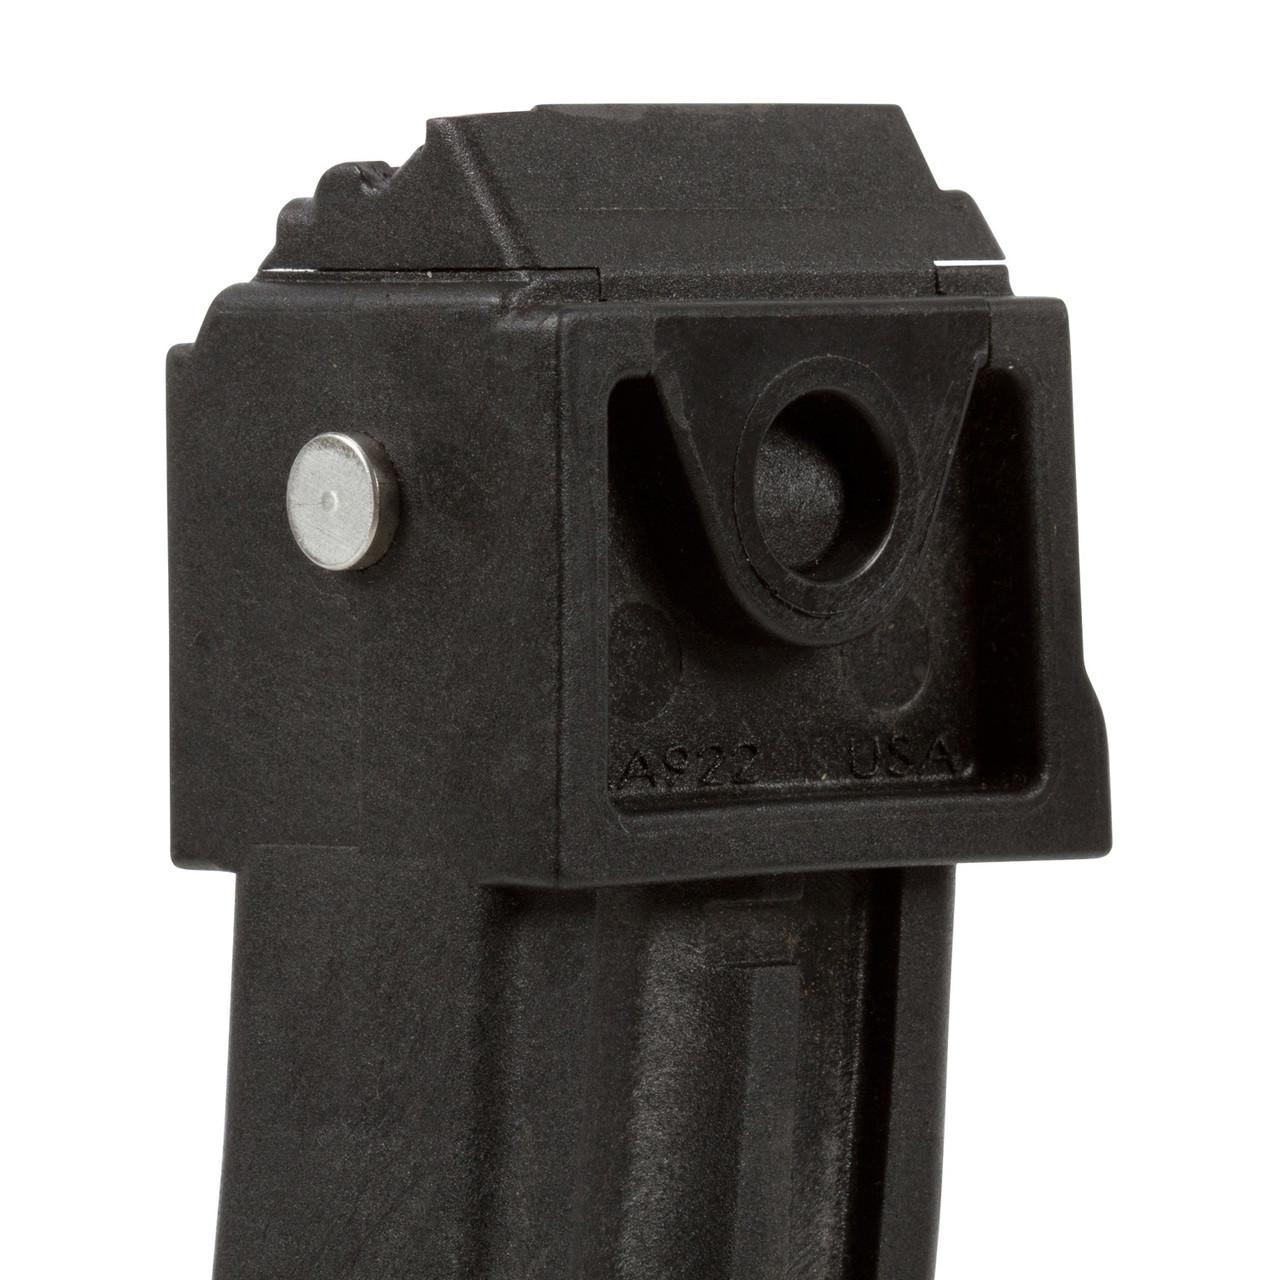 Archangel® 9-22 Magazine for Ruger® 10/22® .22 LR (25) Rd - Black Polymer